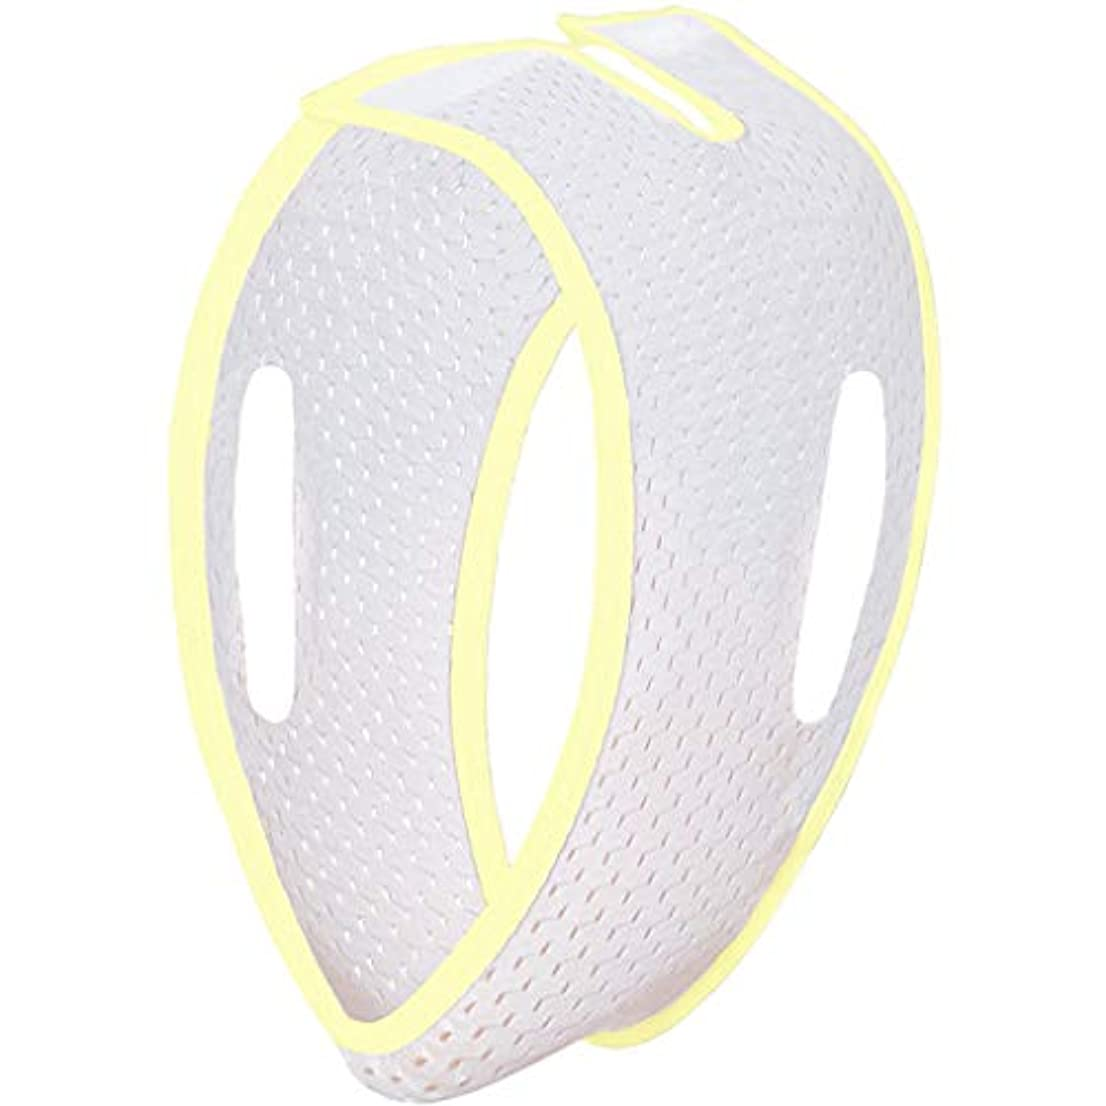 トークン過敏な多様体Jia He 軽量 薄い顔ベルト、V顔薄い顔包帯超薄型アンチリンクルリフティングファーミングチン通気性マスク ## (Color : White and Yellow)